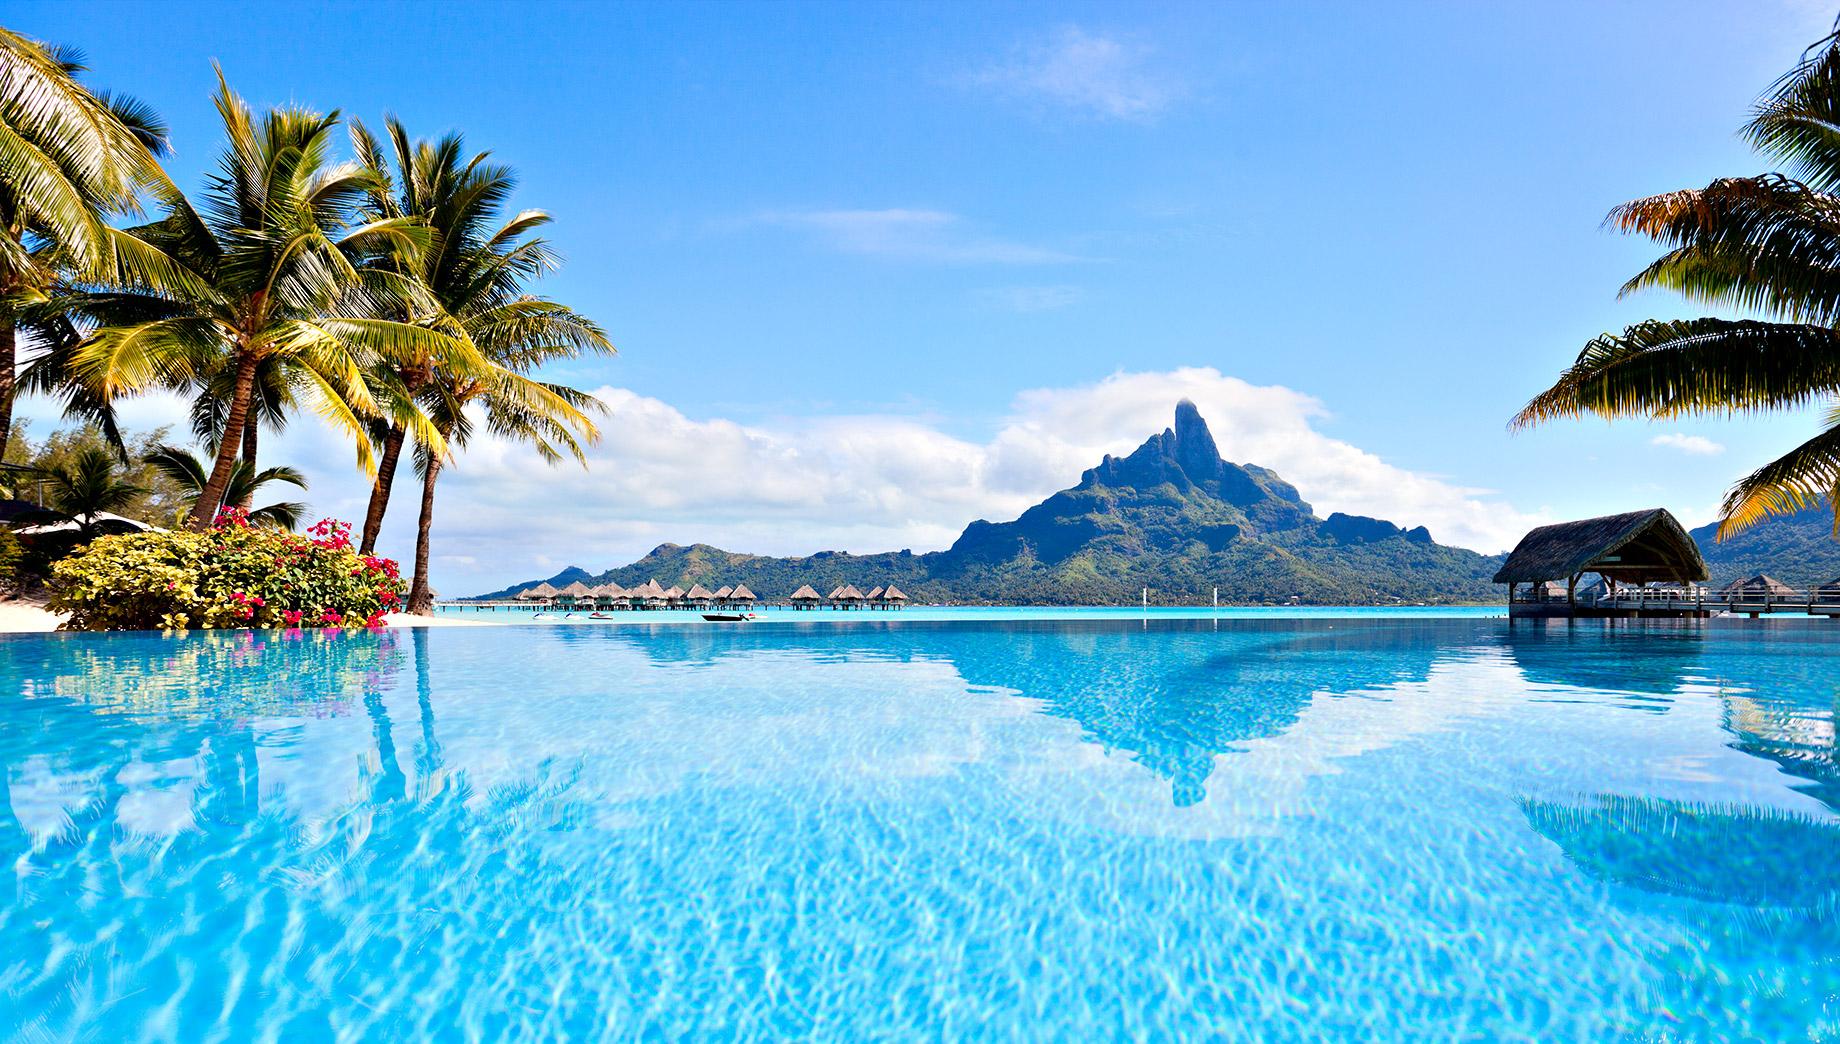 Bora Bora, French Polynesia - Top 10 Luxury Travel Destinations Around the World